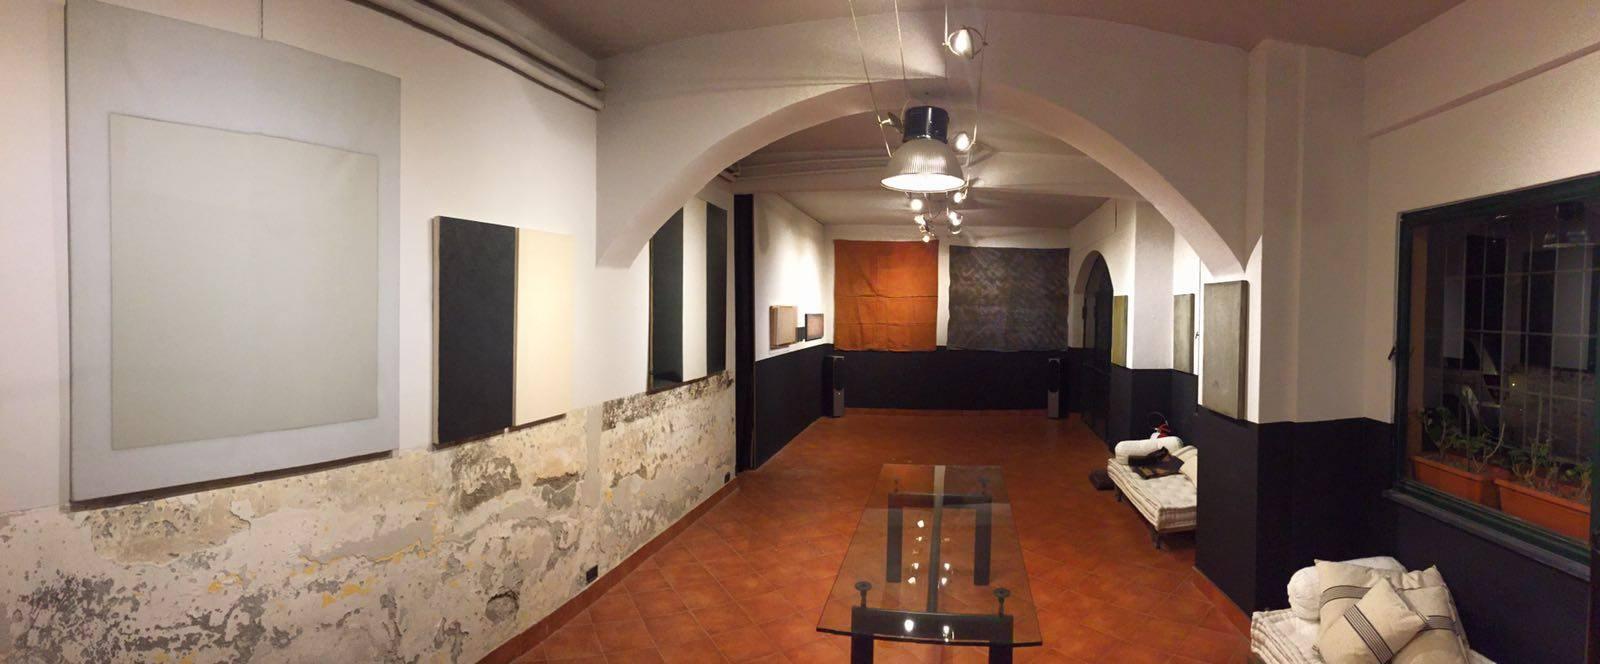 Acquisto Specchiere a Genova. Contatta M&M DI ALESSIO MENESINI tel 0103623626 cell 335 6873801